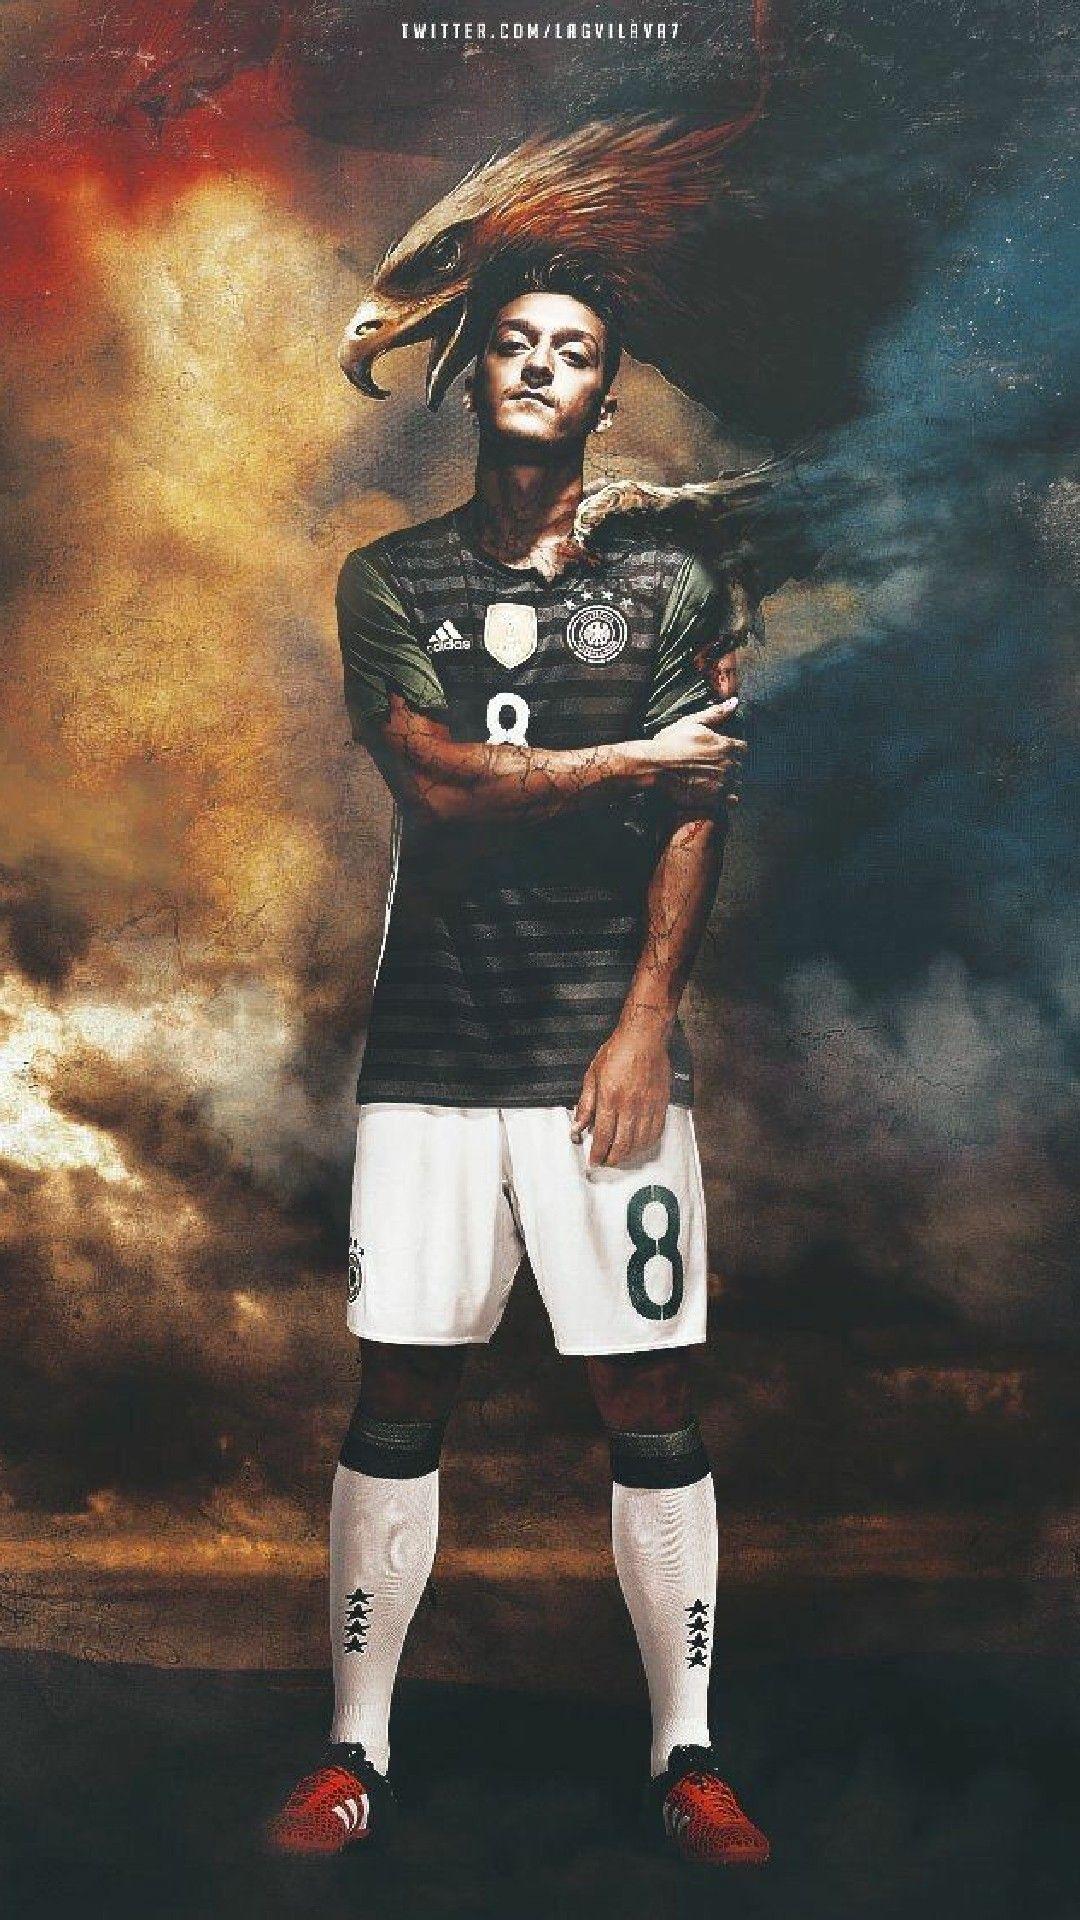 Ghim của Moin khan trên World cup teams Bóng đá, Hình ảnh